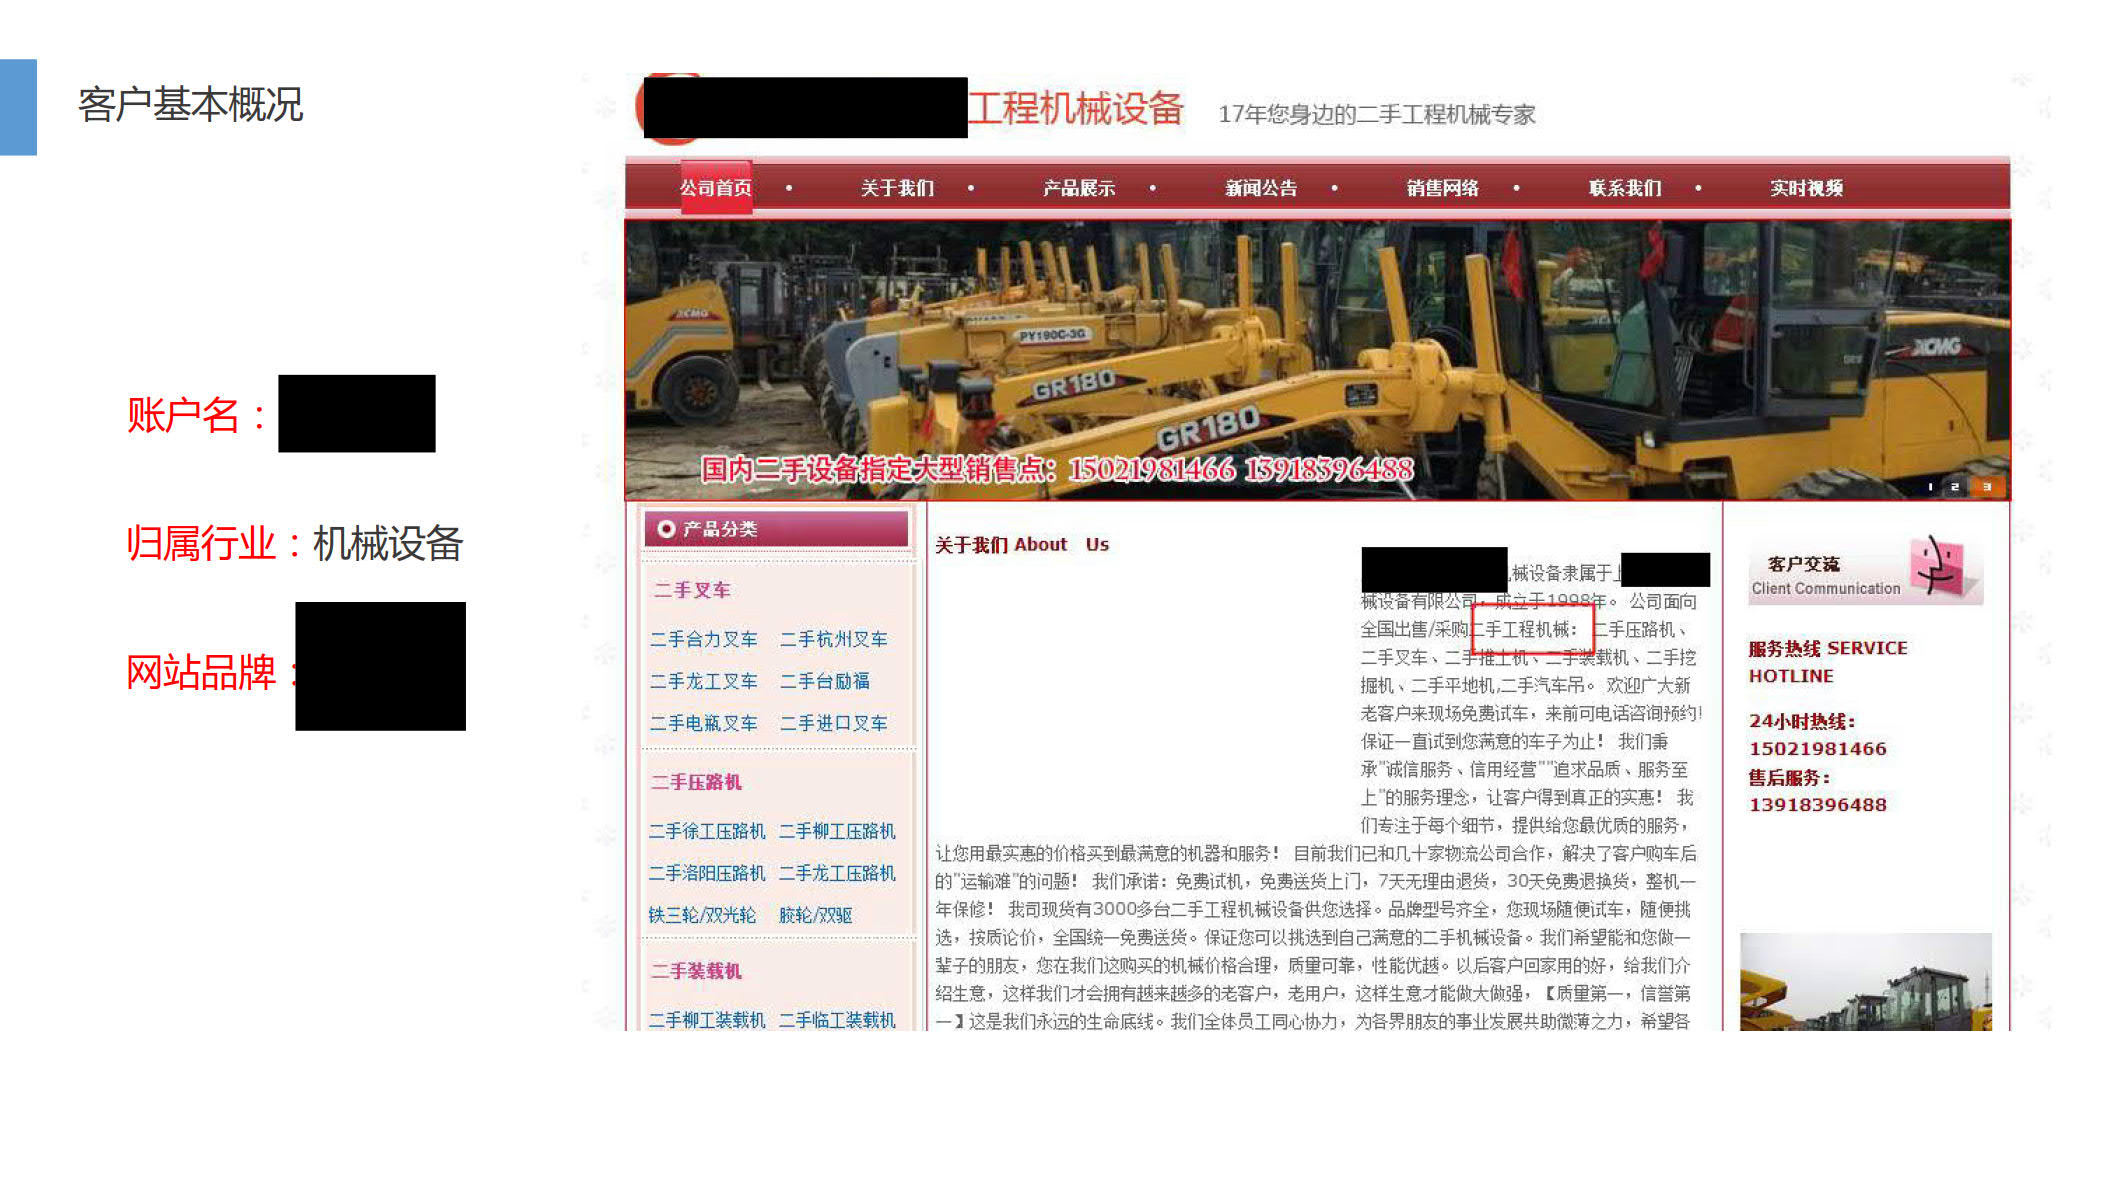 F2+vip焰X+机械设备+陈X-0628_7.jpg